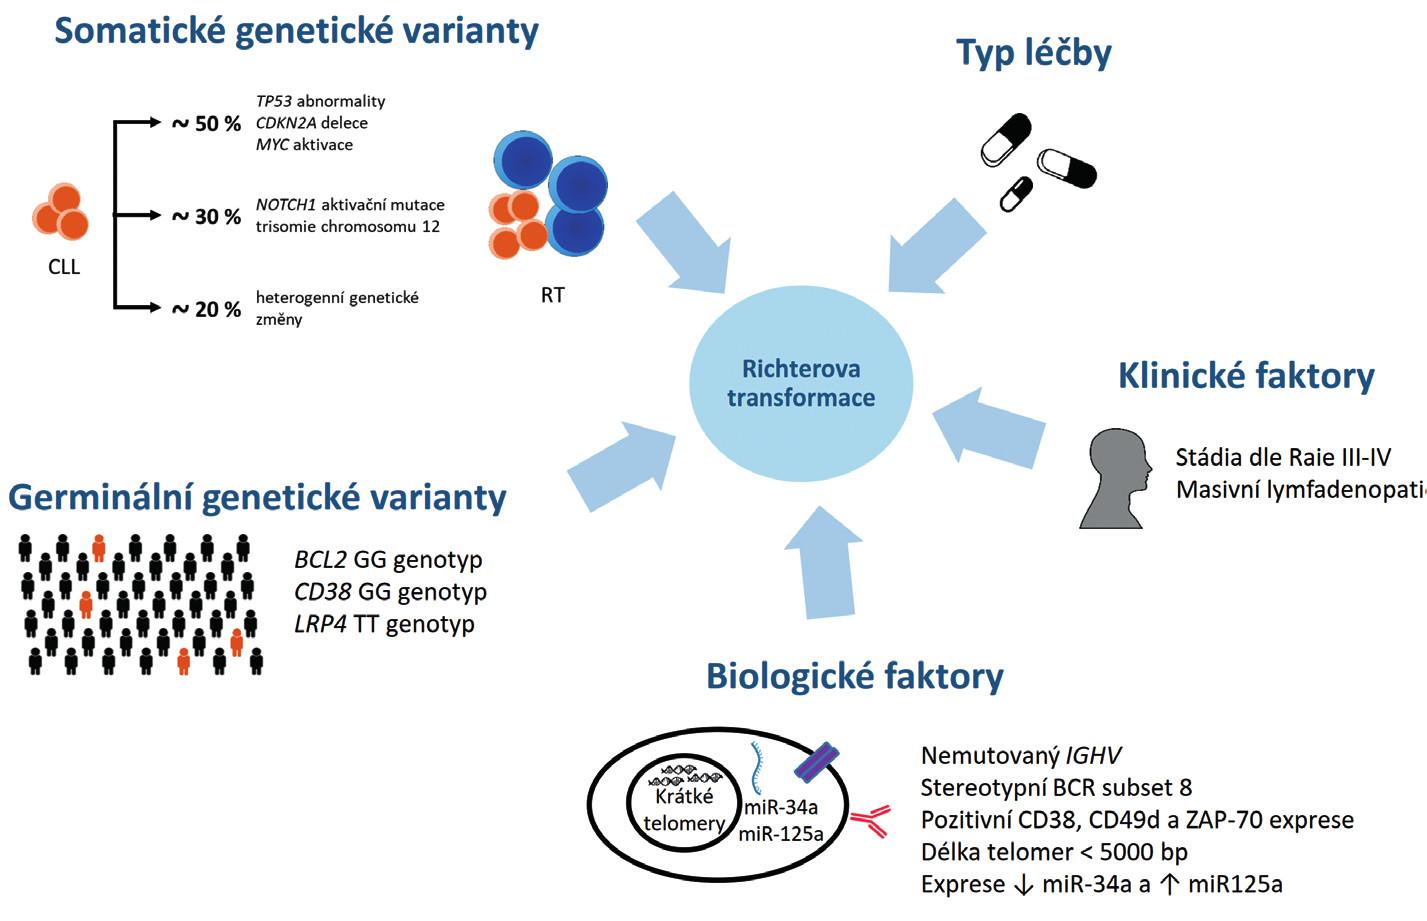 Rizikové faktory rozvoje Richterovy transformace (RT) chronické lymfocytární leukemie (CLL). Upraveno podle [10].